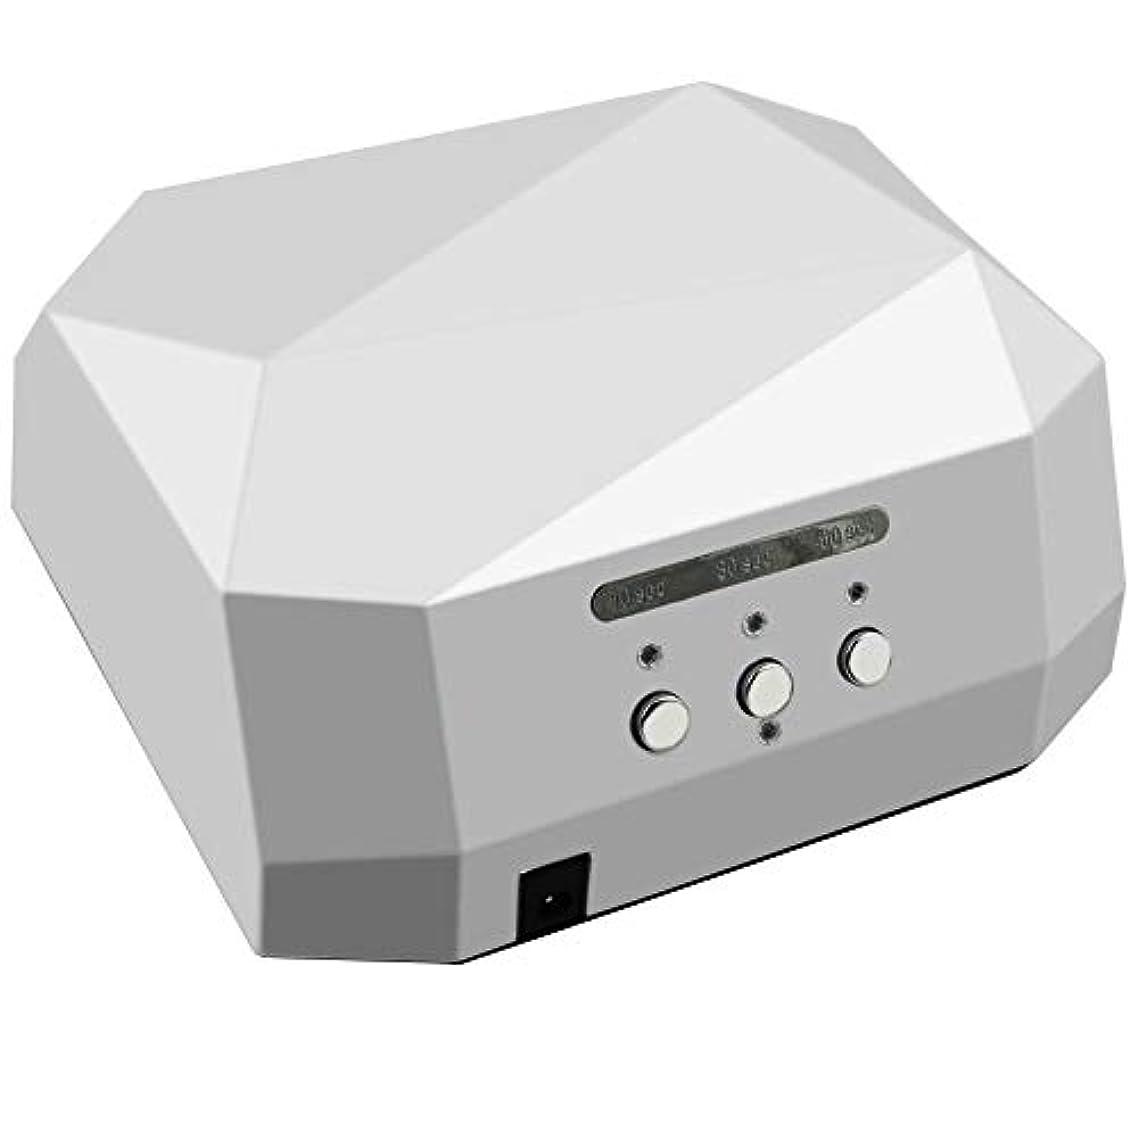 防ぐキャメル名門RRSHUN 360wランプ15pcs Ledsマニキュア用すべてのタイプのジェルCuring10 / 30 / 60sランプ用ネイルドライヤー